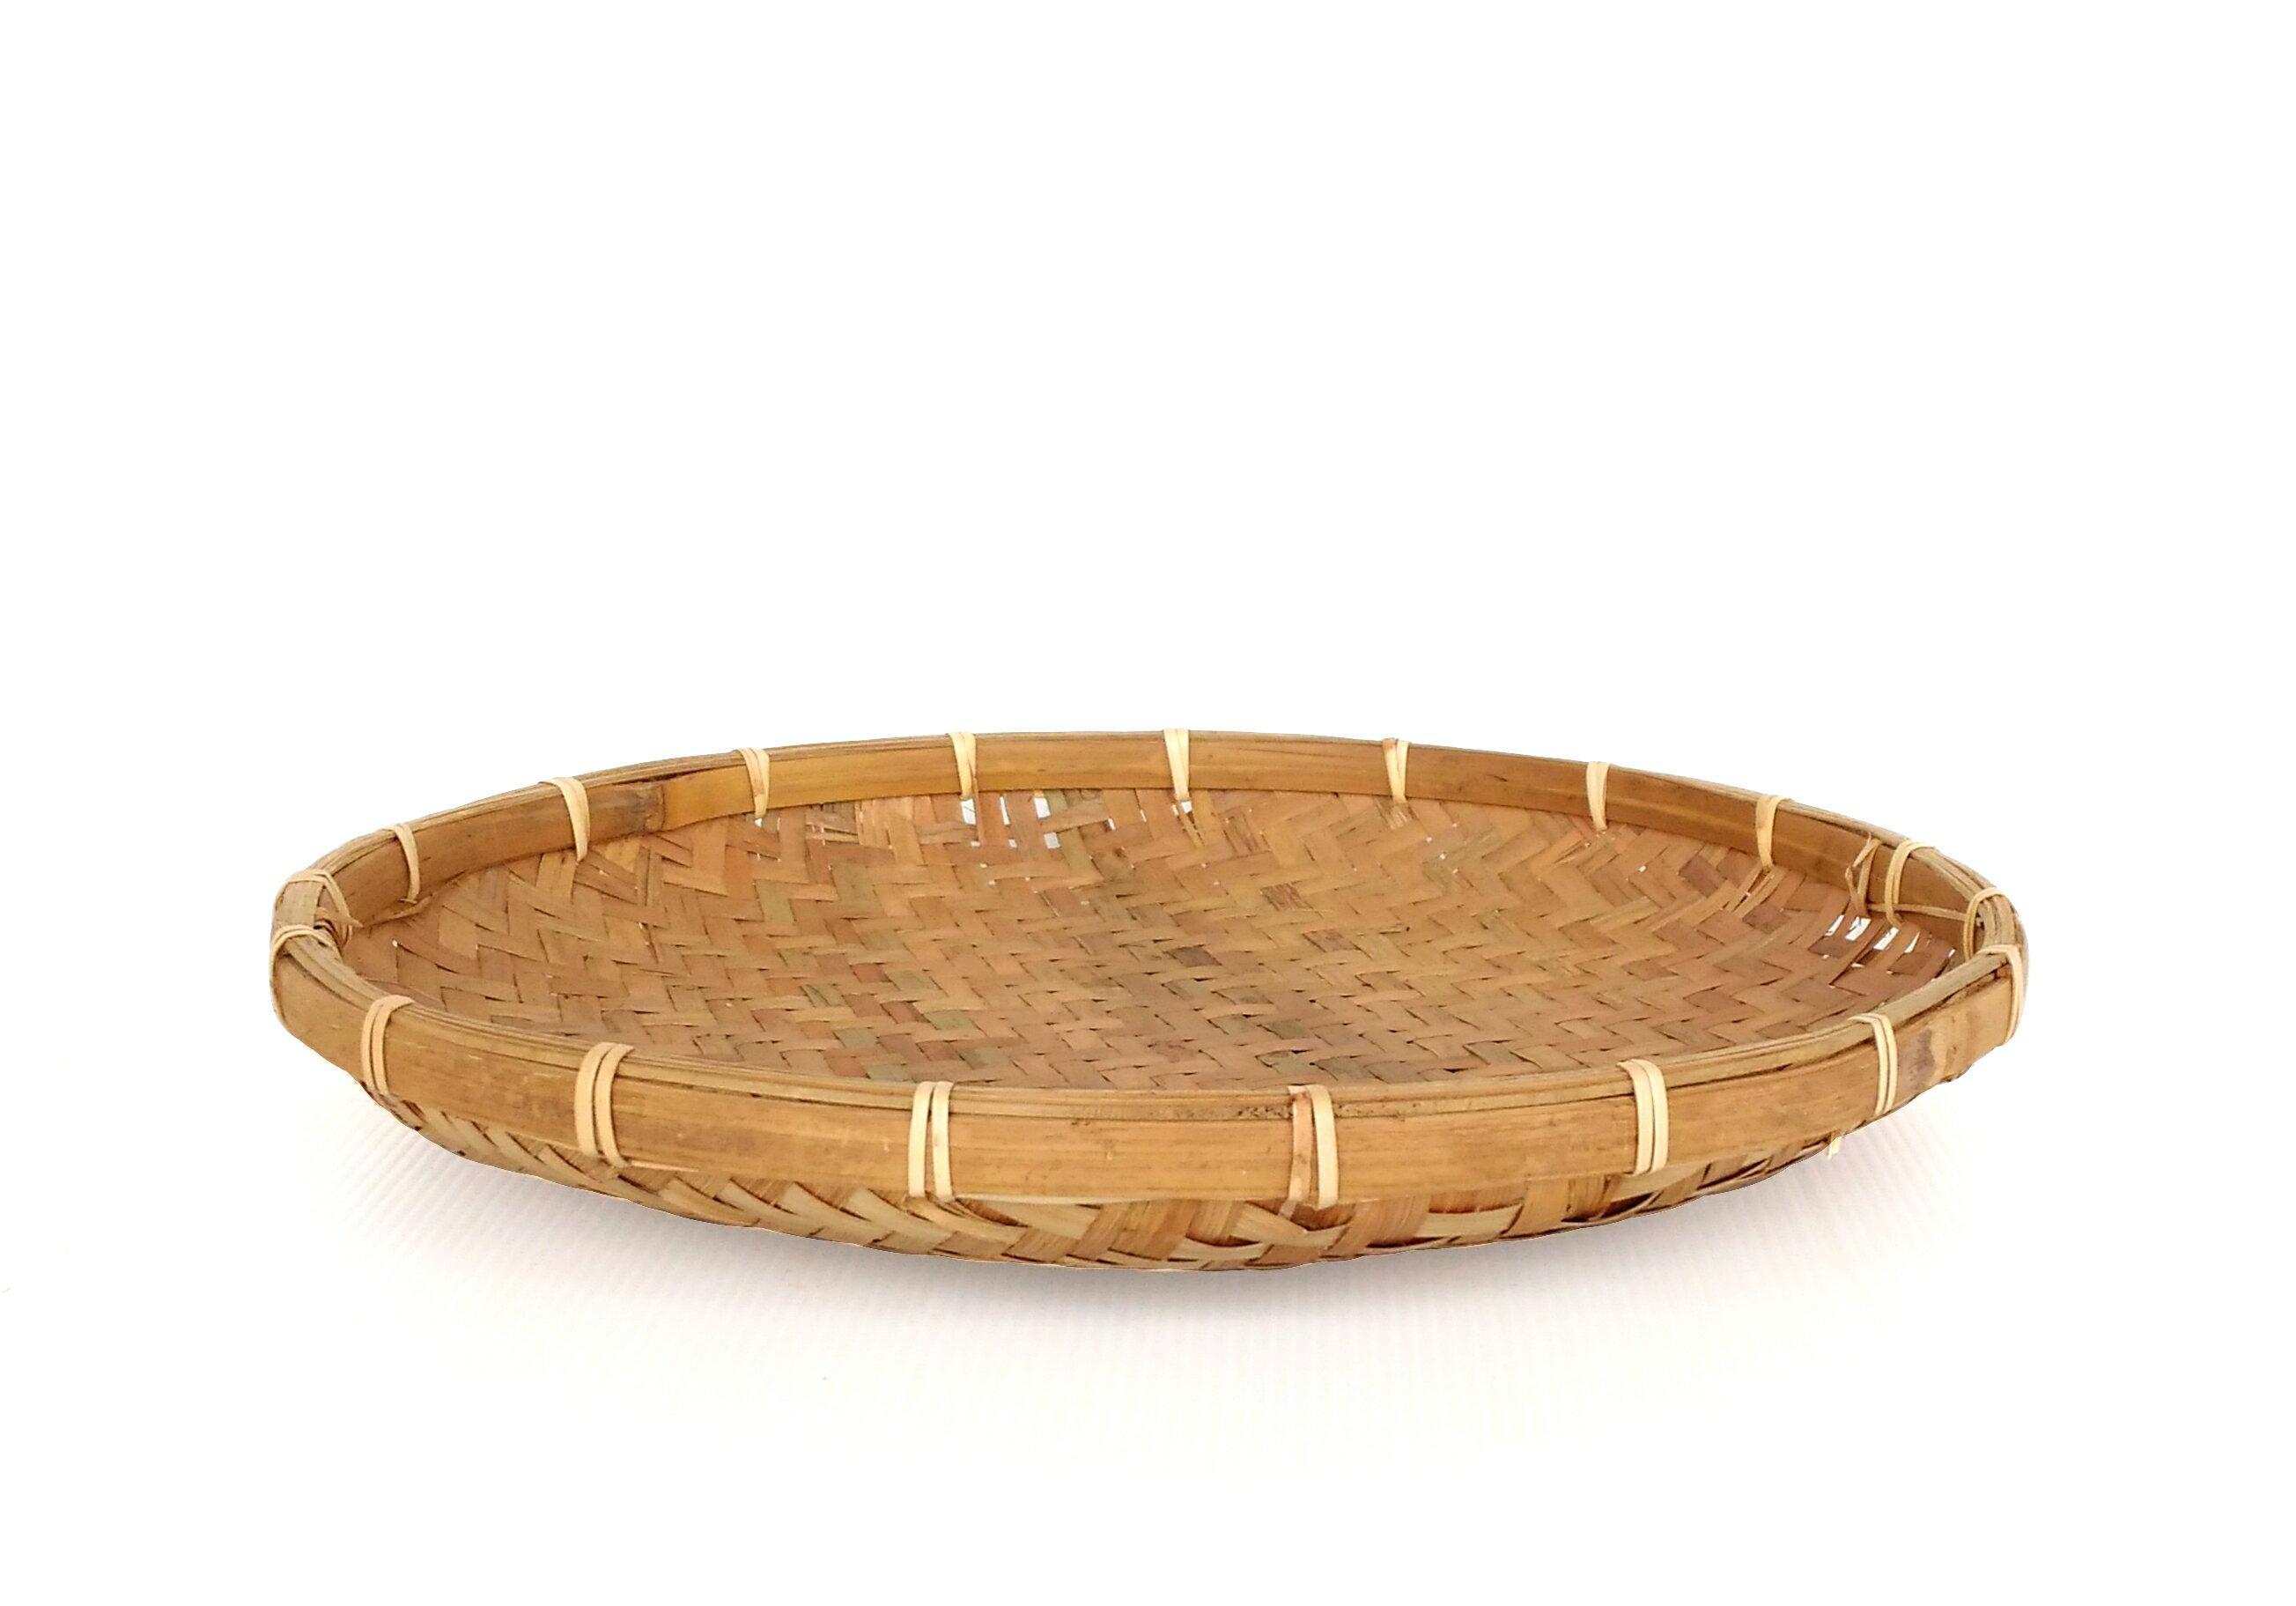 DecoBox日曬用薄竹盤(38公分-5個)(竹編織盤.乾阿.湯圓篩.洗菜籃.土豆苔.竹篩)